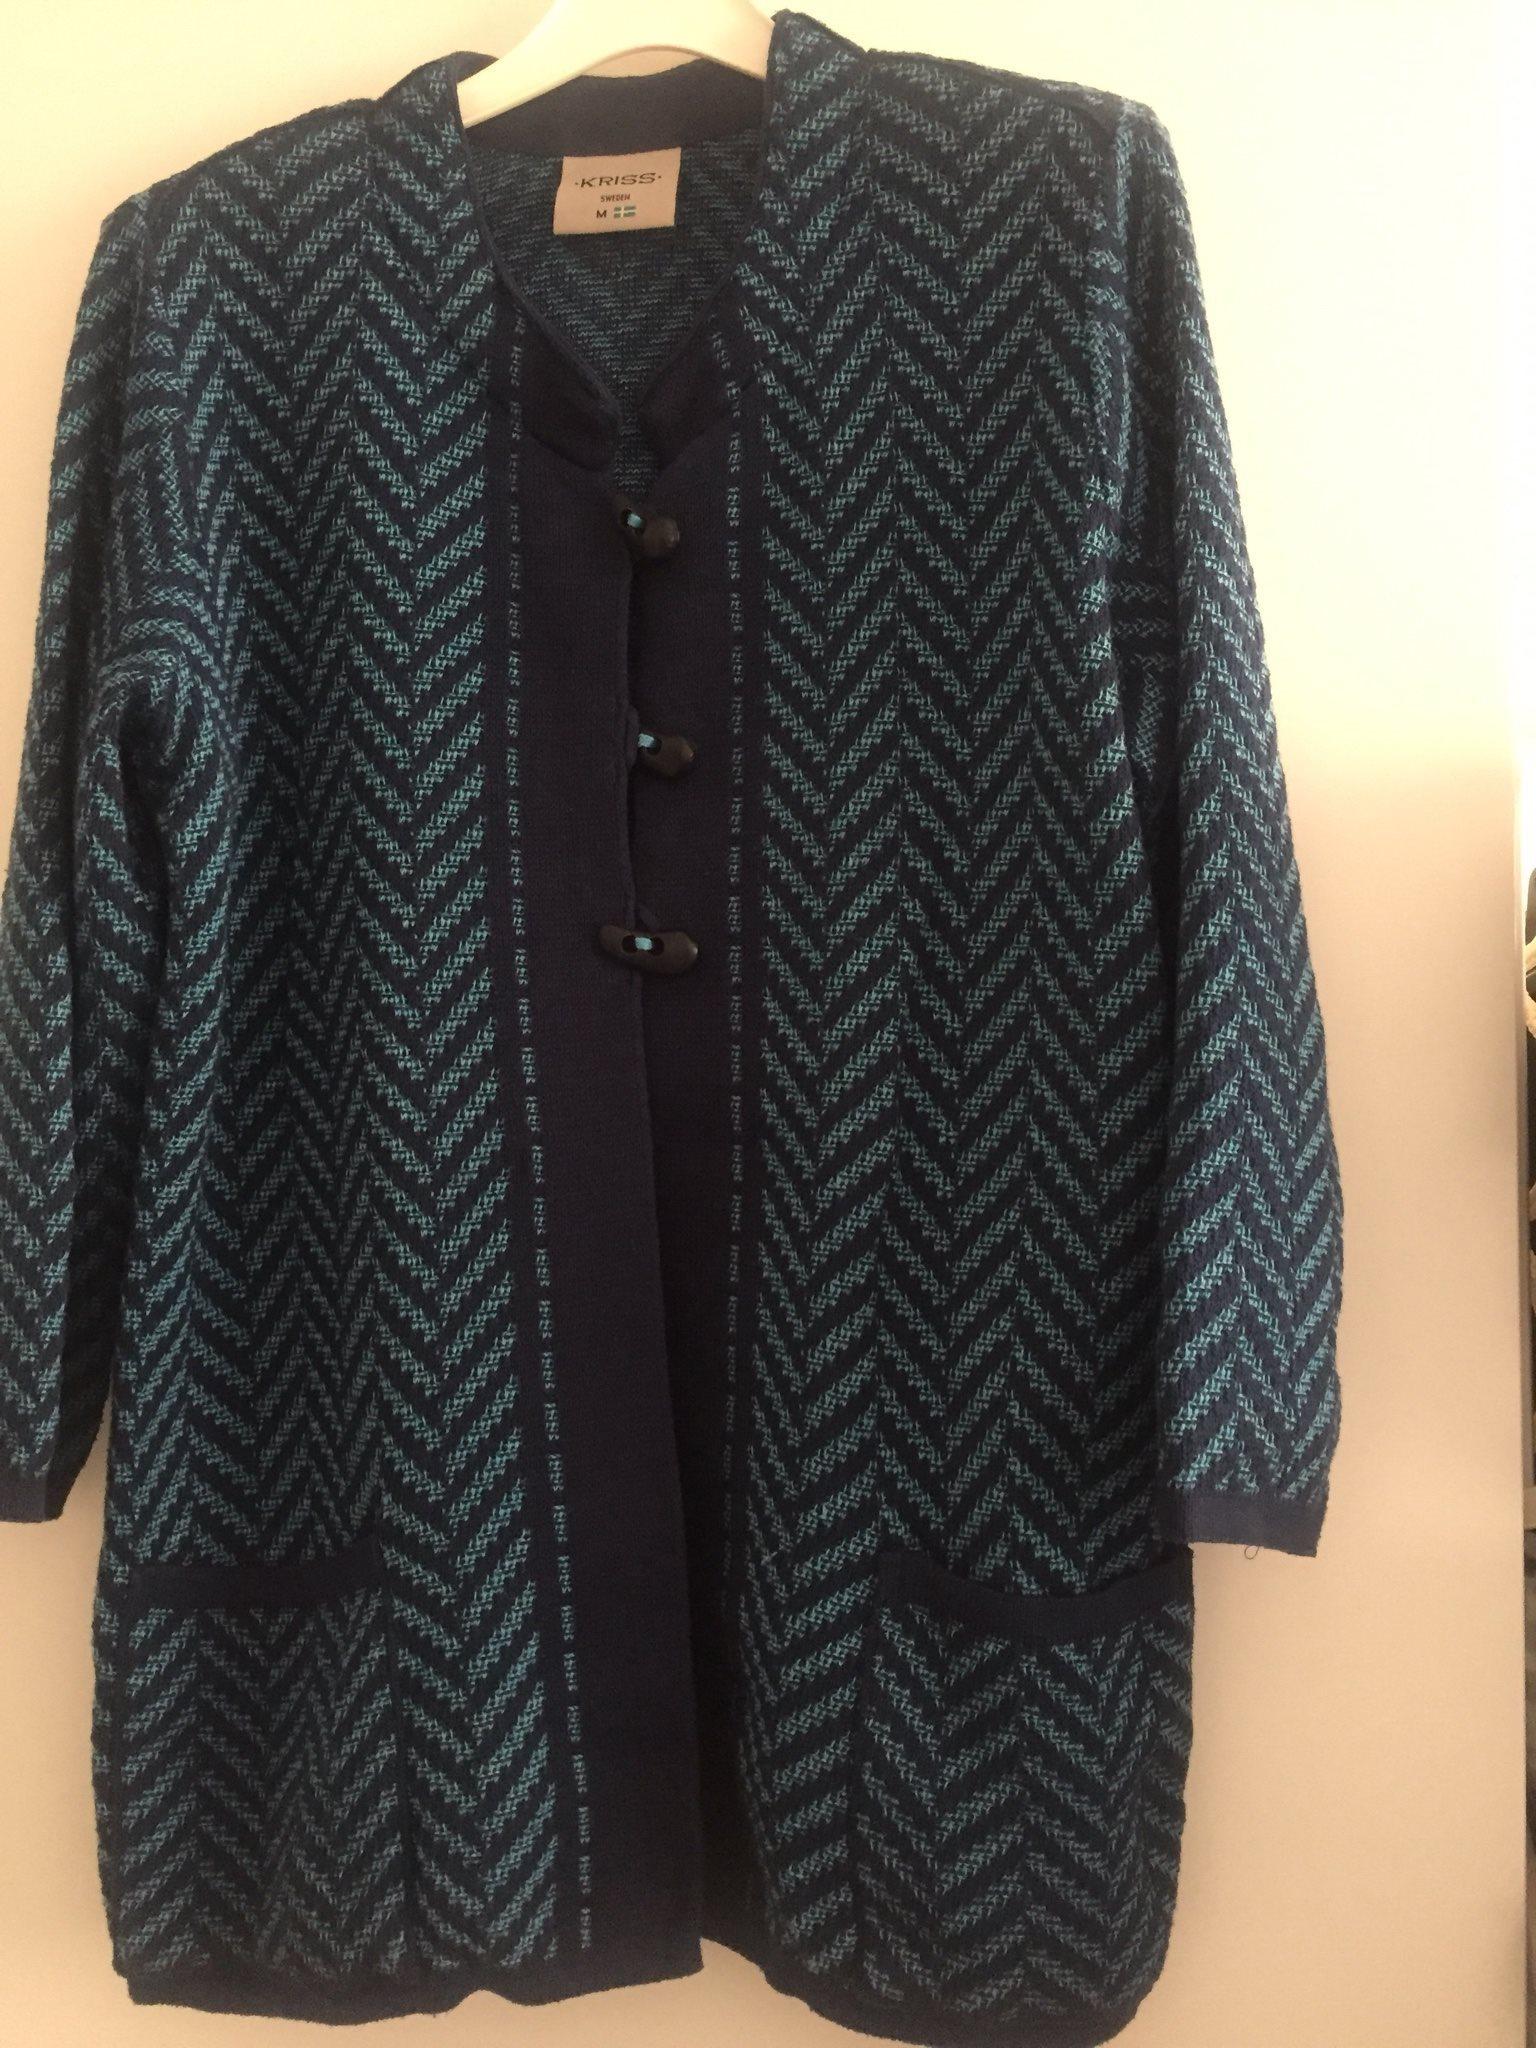 Dam fin Blus st.M från KRISS SWEDEN (332539959) ᐈ Köp på Tradera 3e8e6908972ca